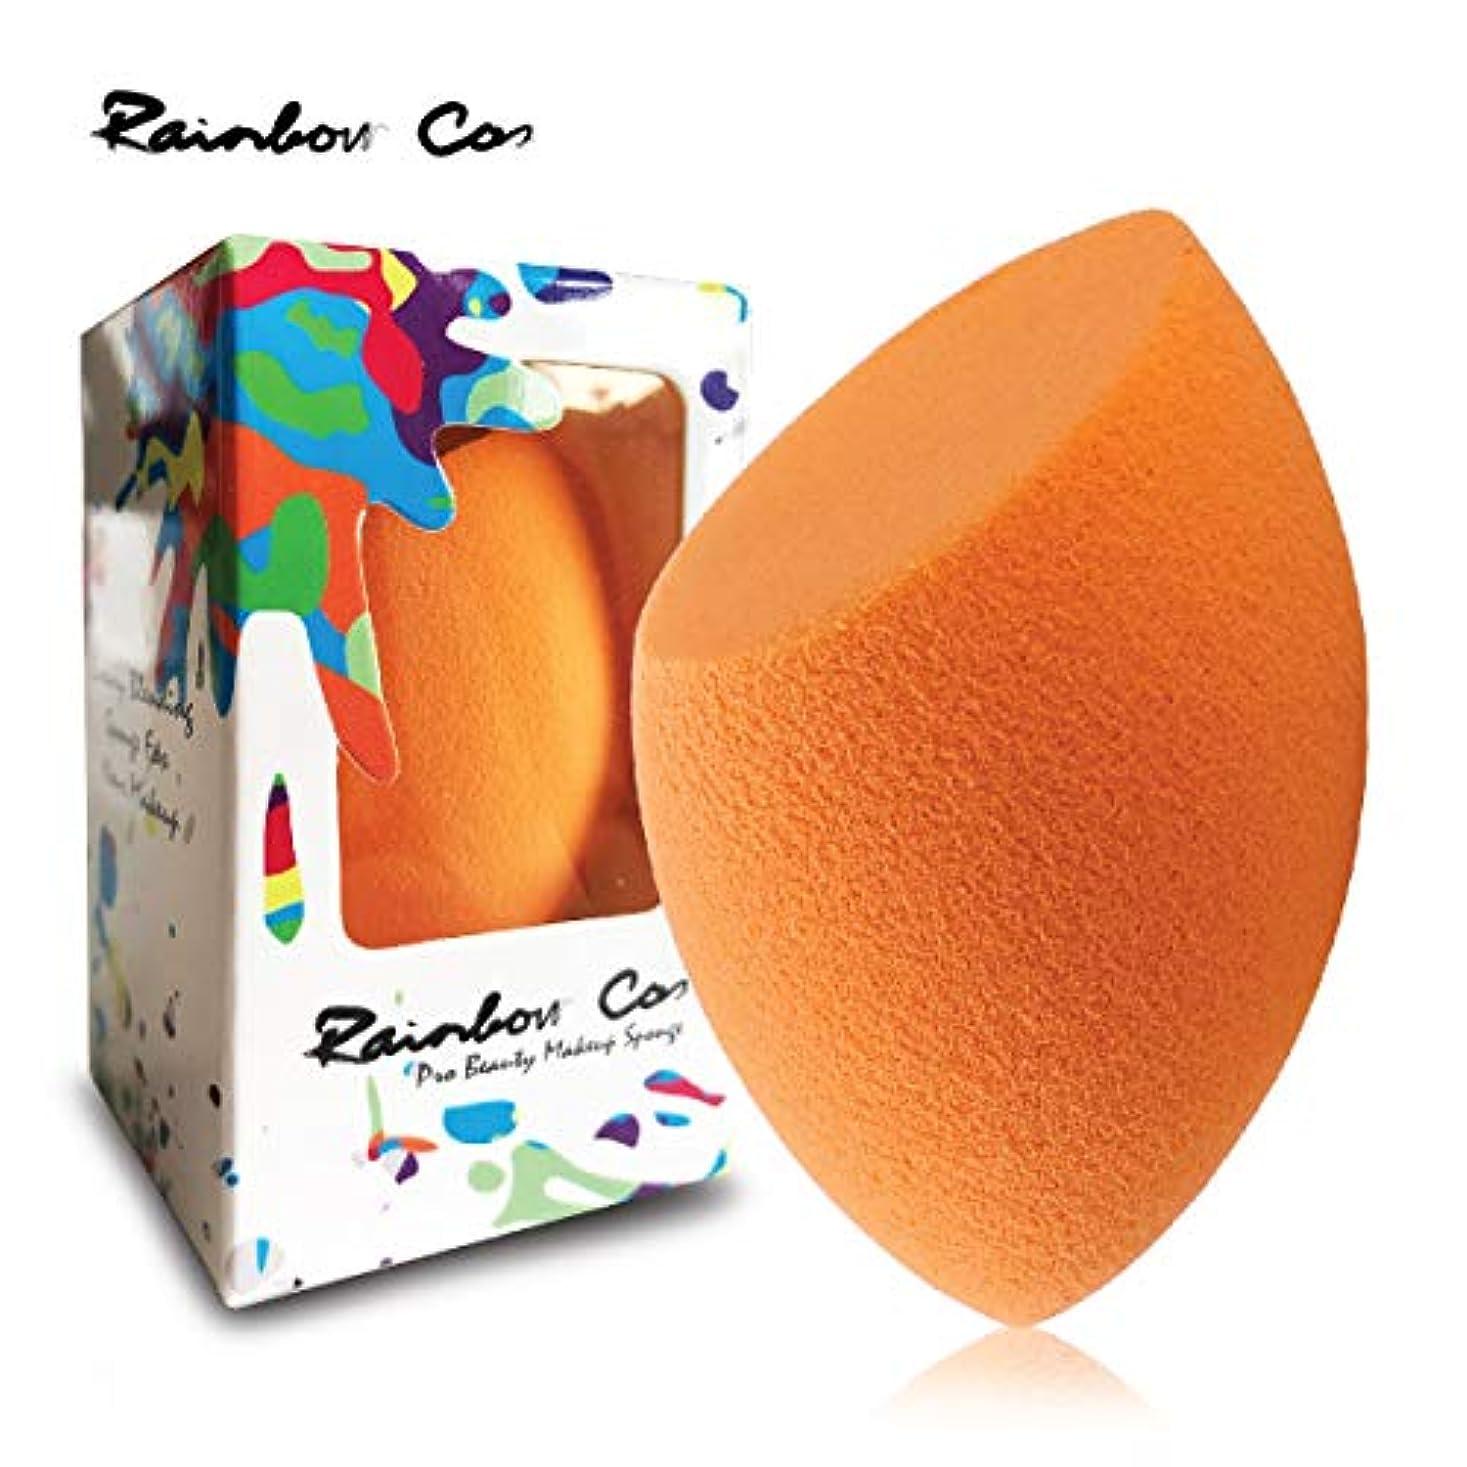 うつ講堂予防接種Rainbow Cos Premium Flat Edge Olive Sponge Beauty Foundation Sponge Blender for Applicator, Foundation and Highlight...